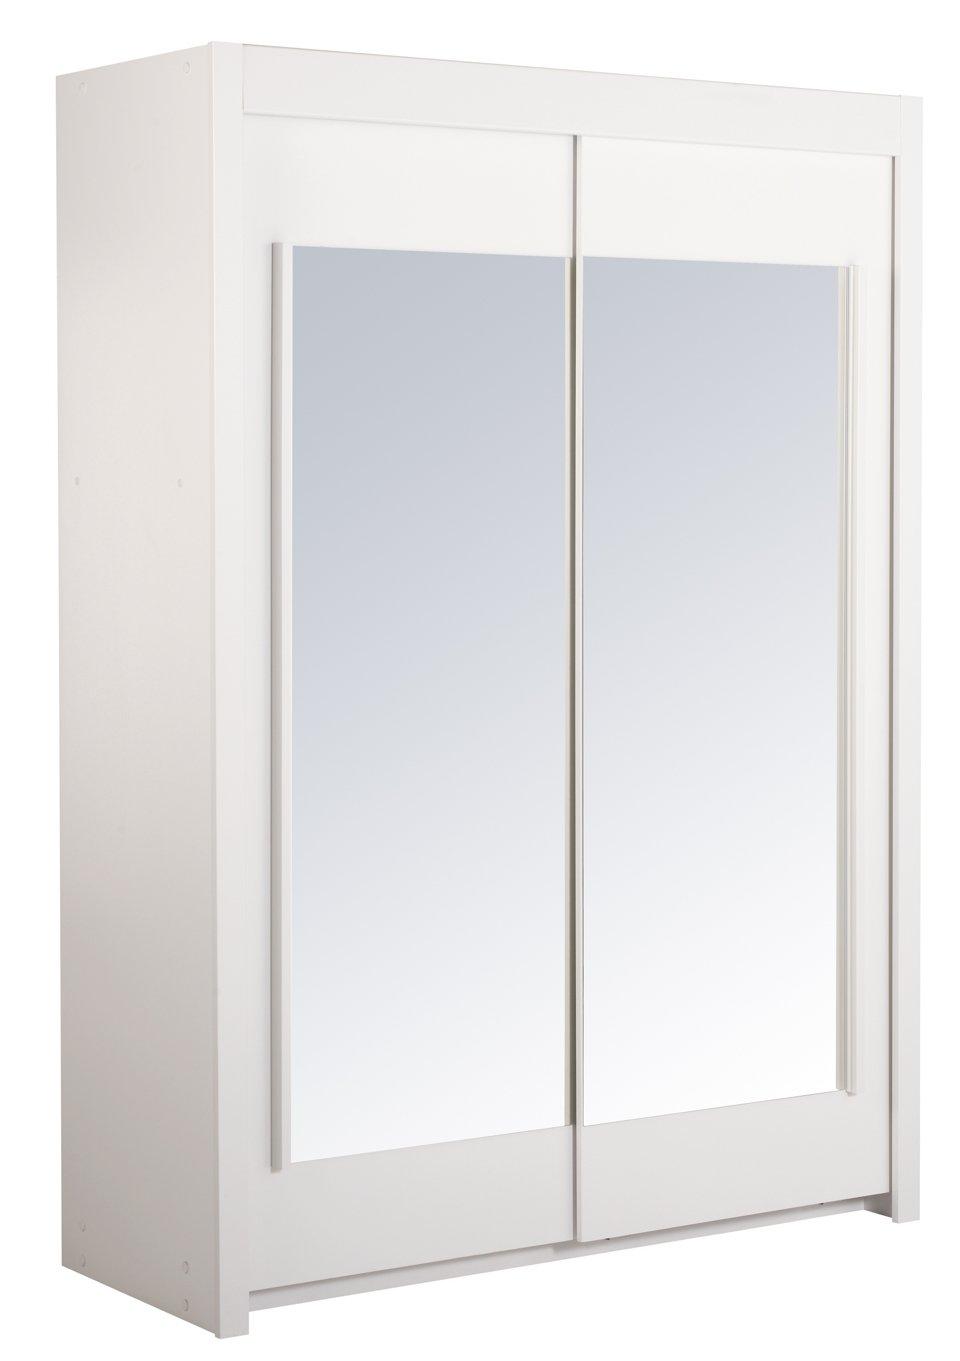 Kleiderschrank Schwebetürenschrank Spiegel Annabelle – Weiß